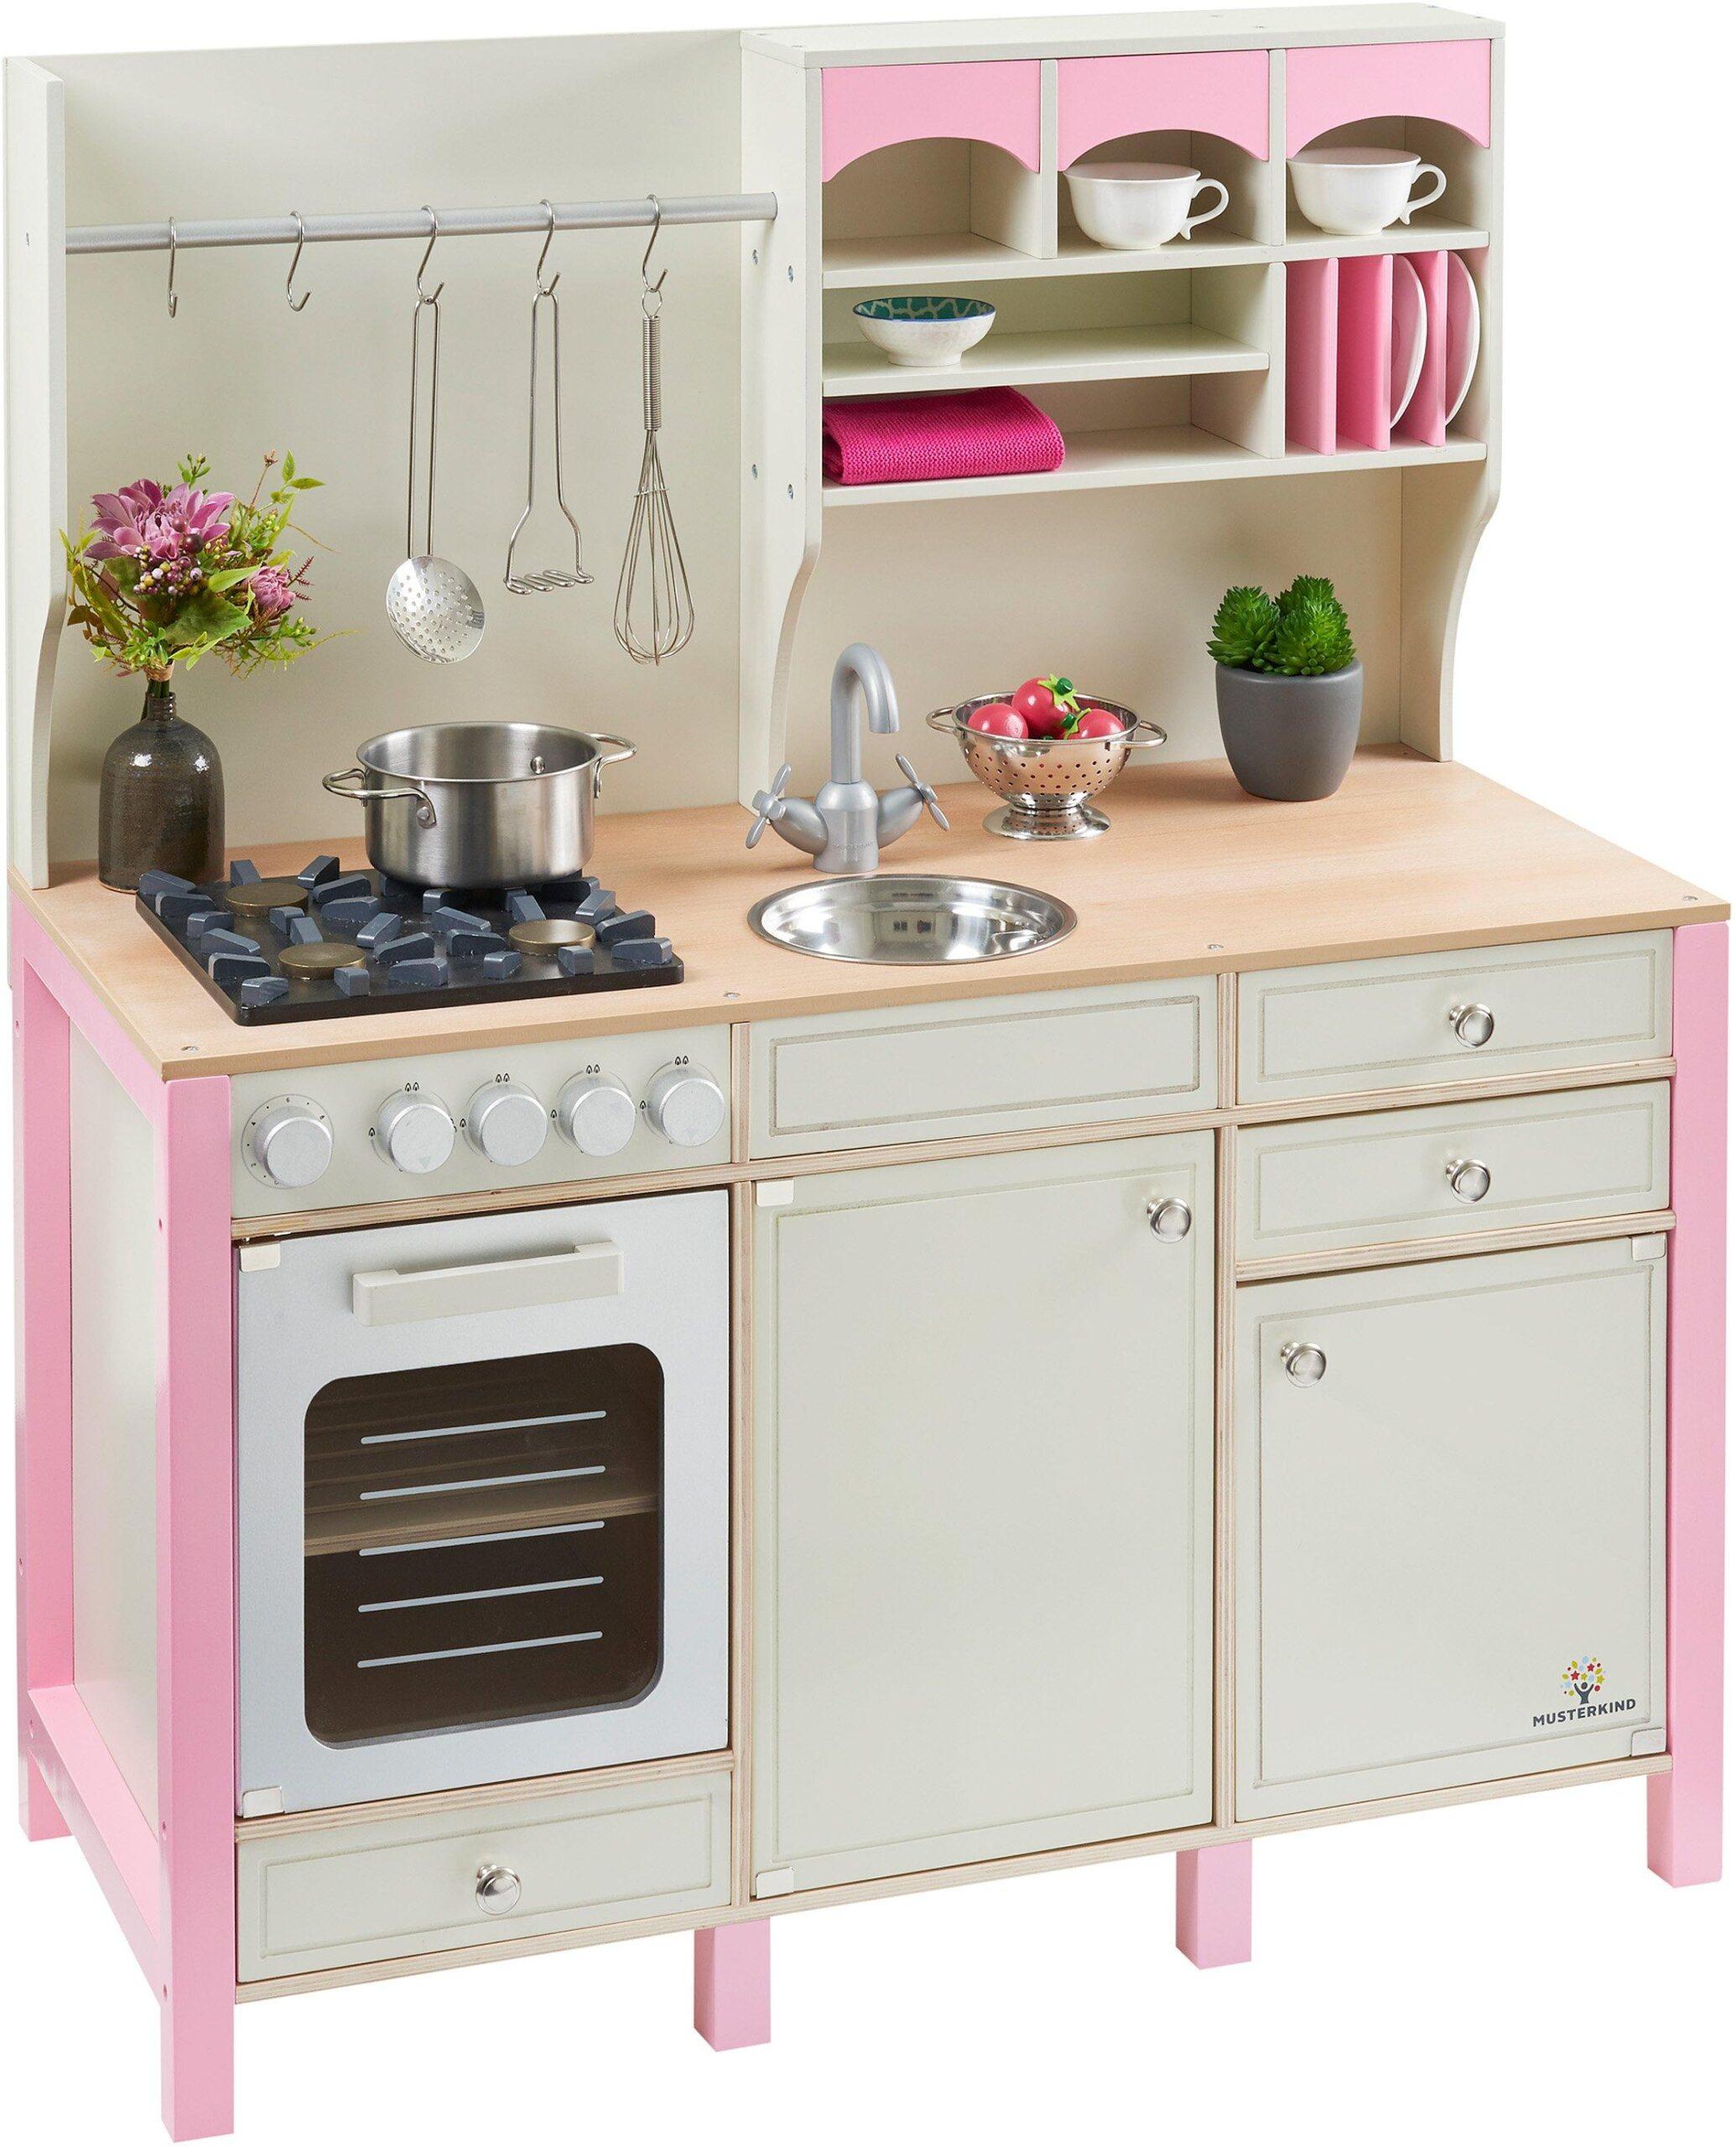 Full Size of Spielküche Musterkind Spielkche Salvia Kinder Wohnzimmer Spielküche